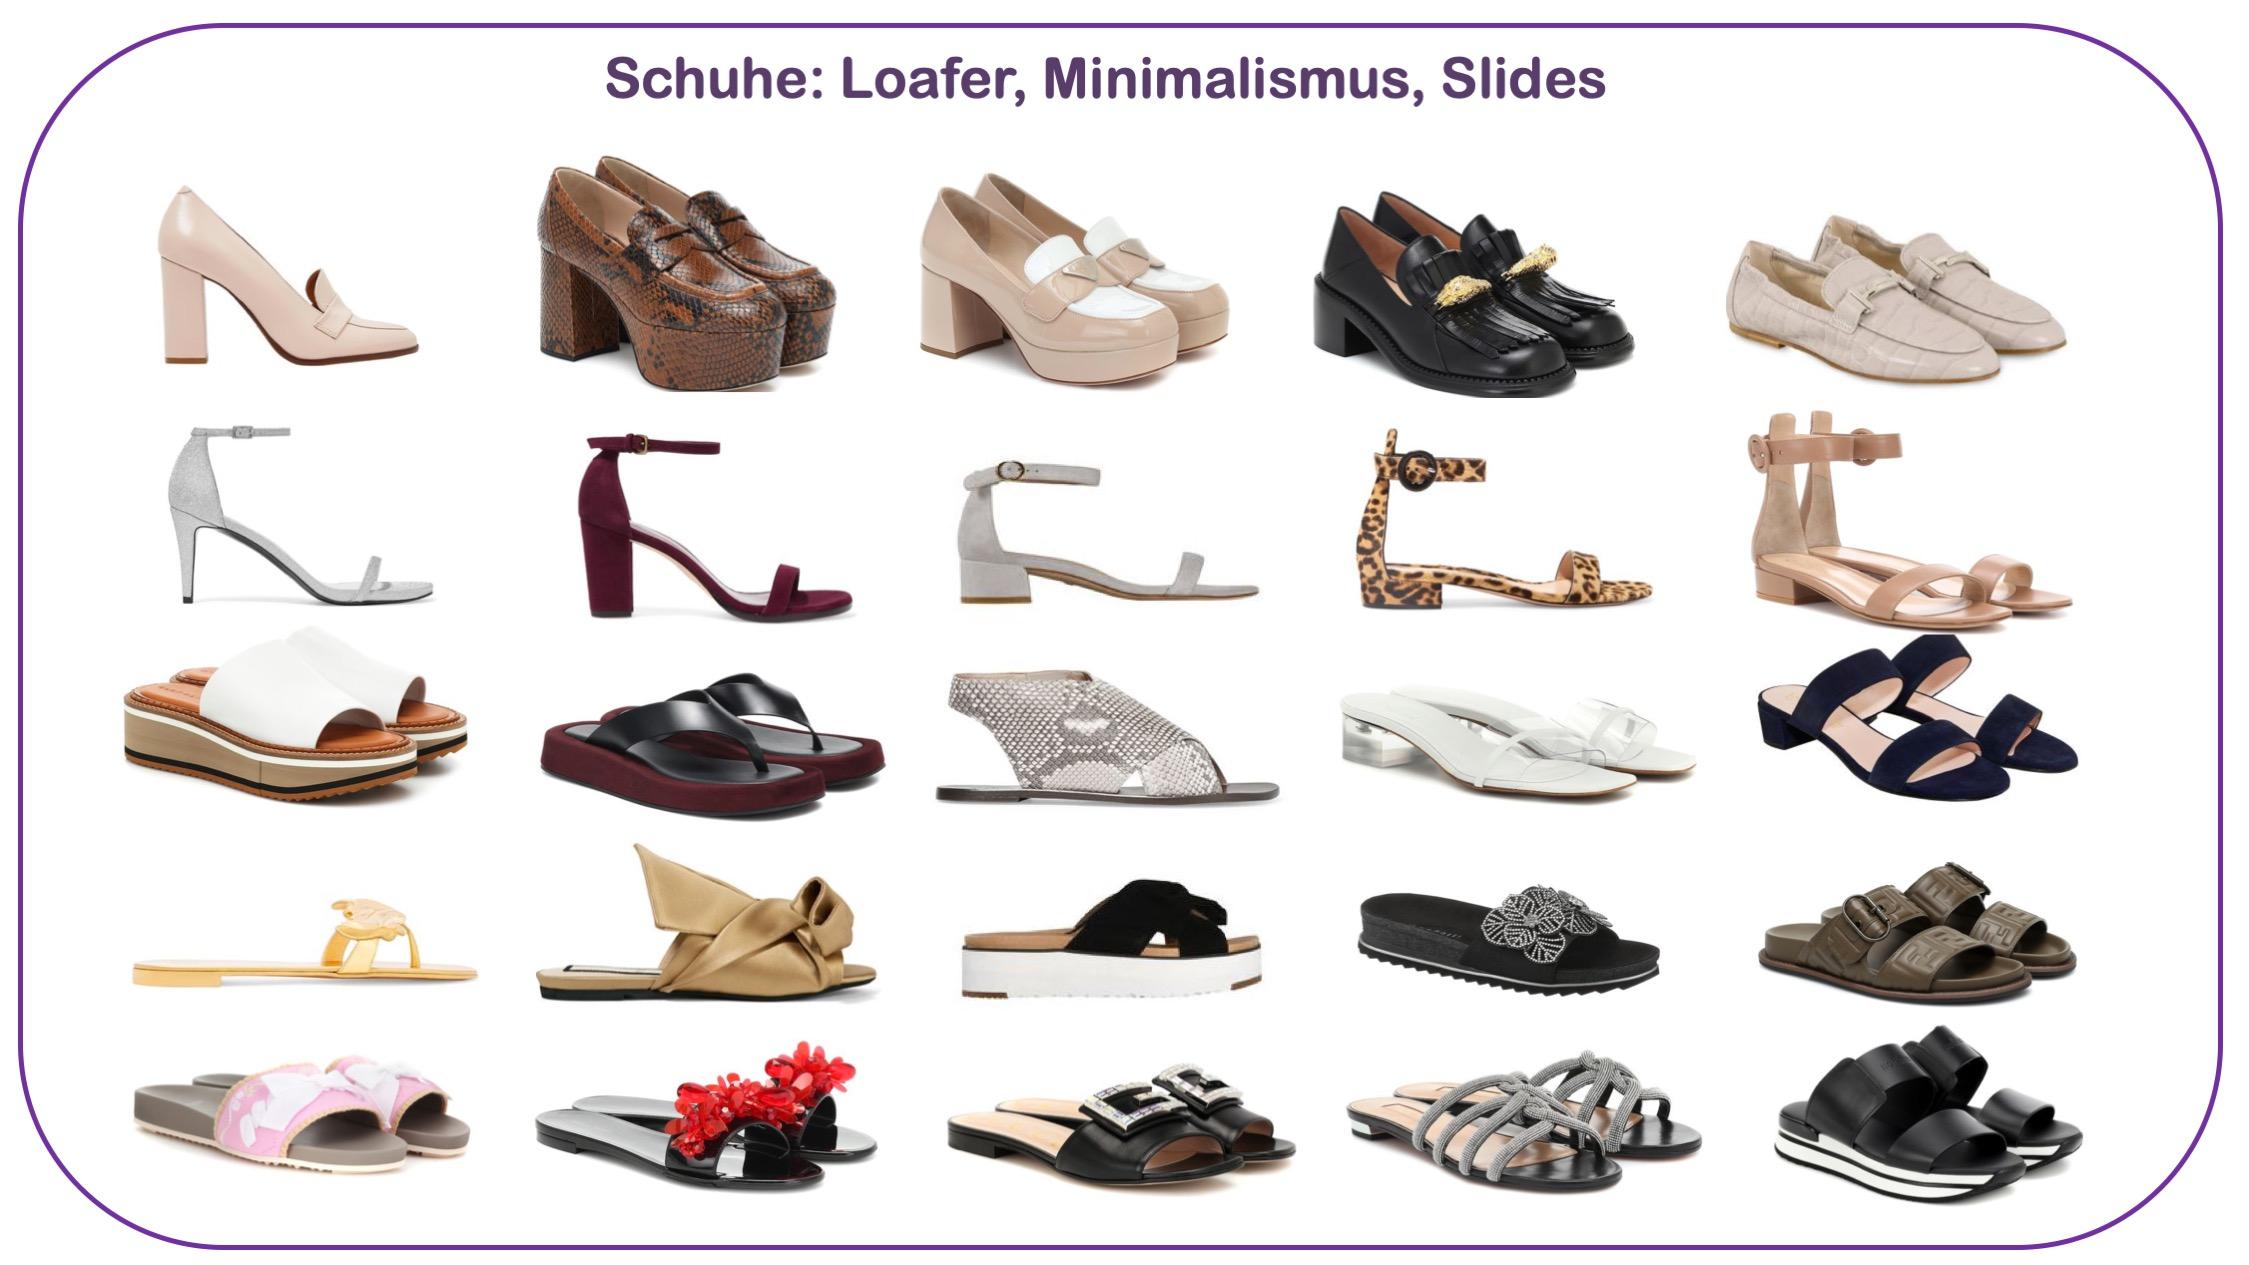 Modetrends Schuhe Loafer Slides und Minimalismus